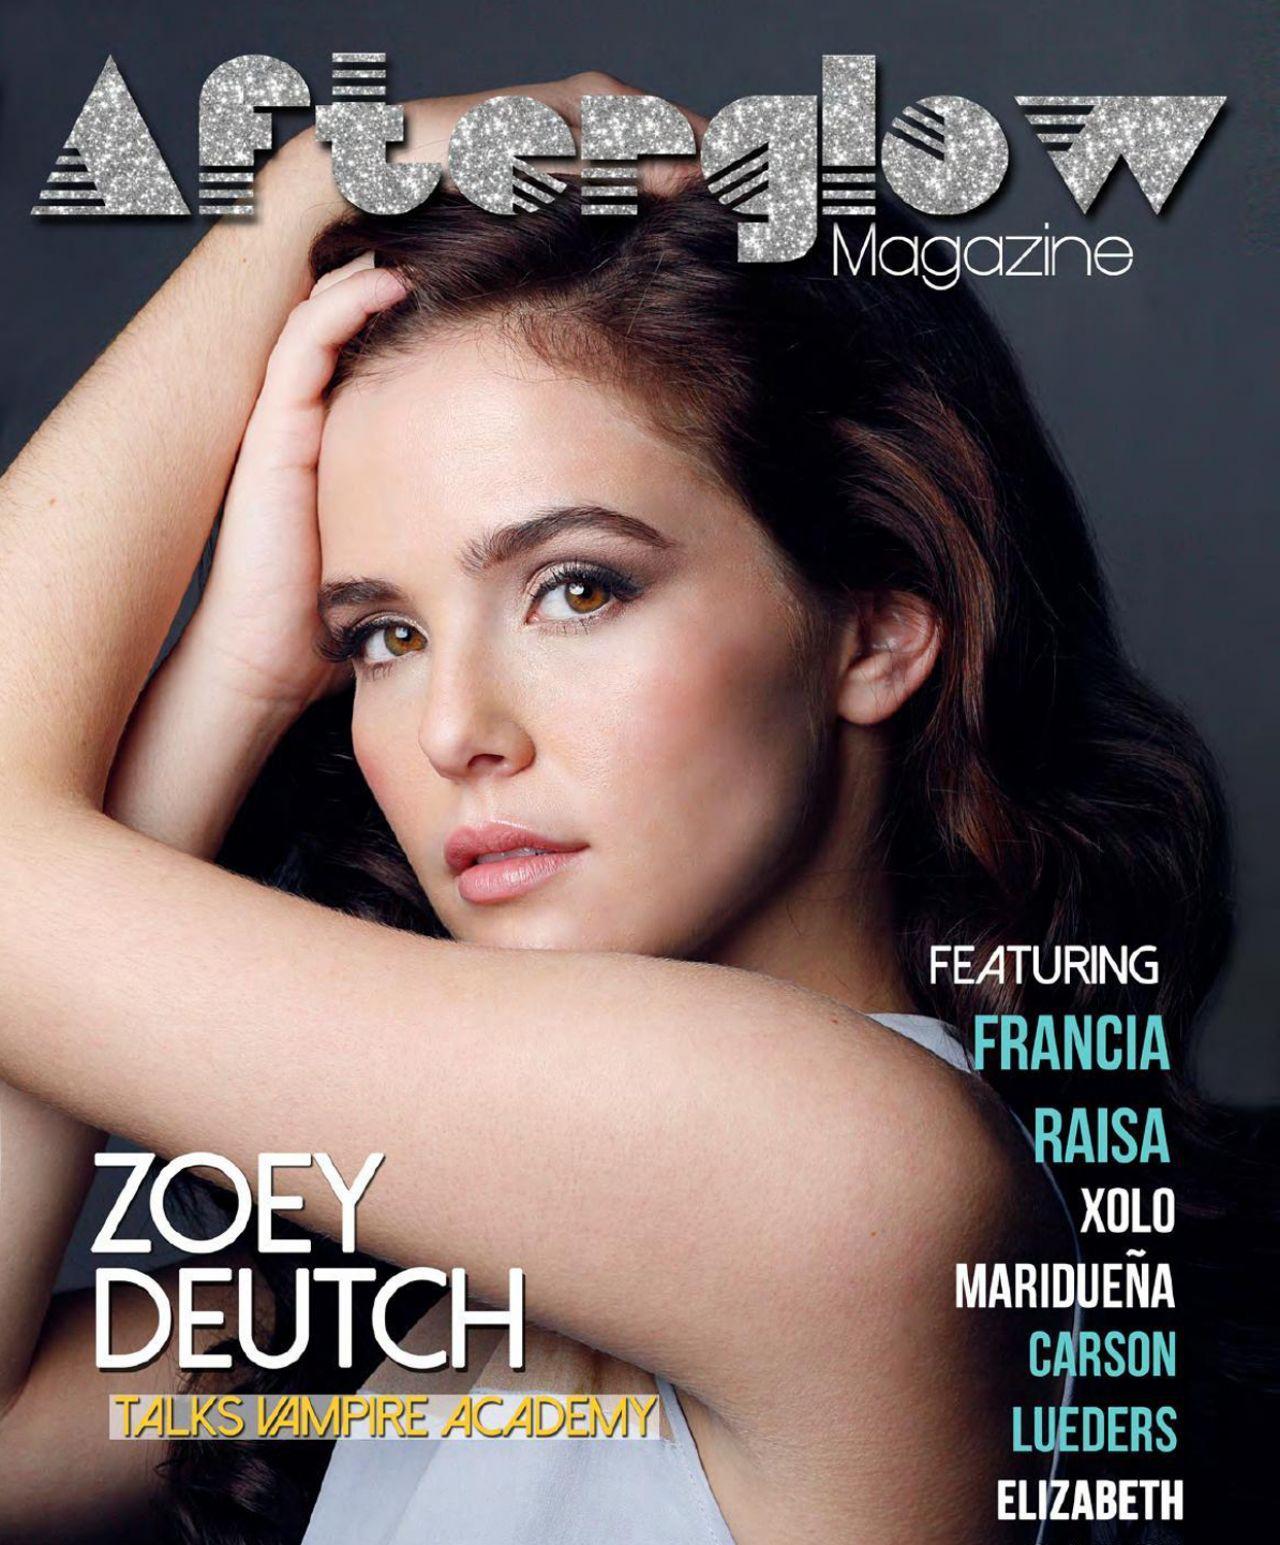 Zoey Deutch - AFTERGLOW Magazine - December 2013 Issue